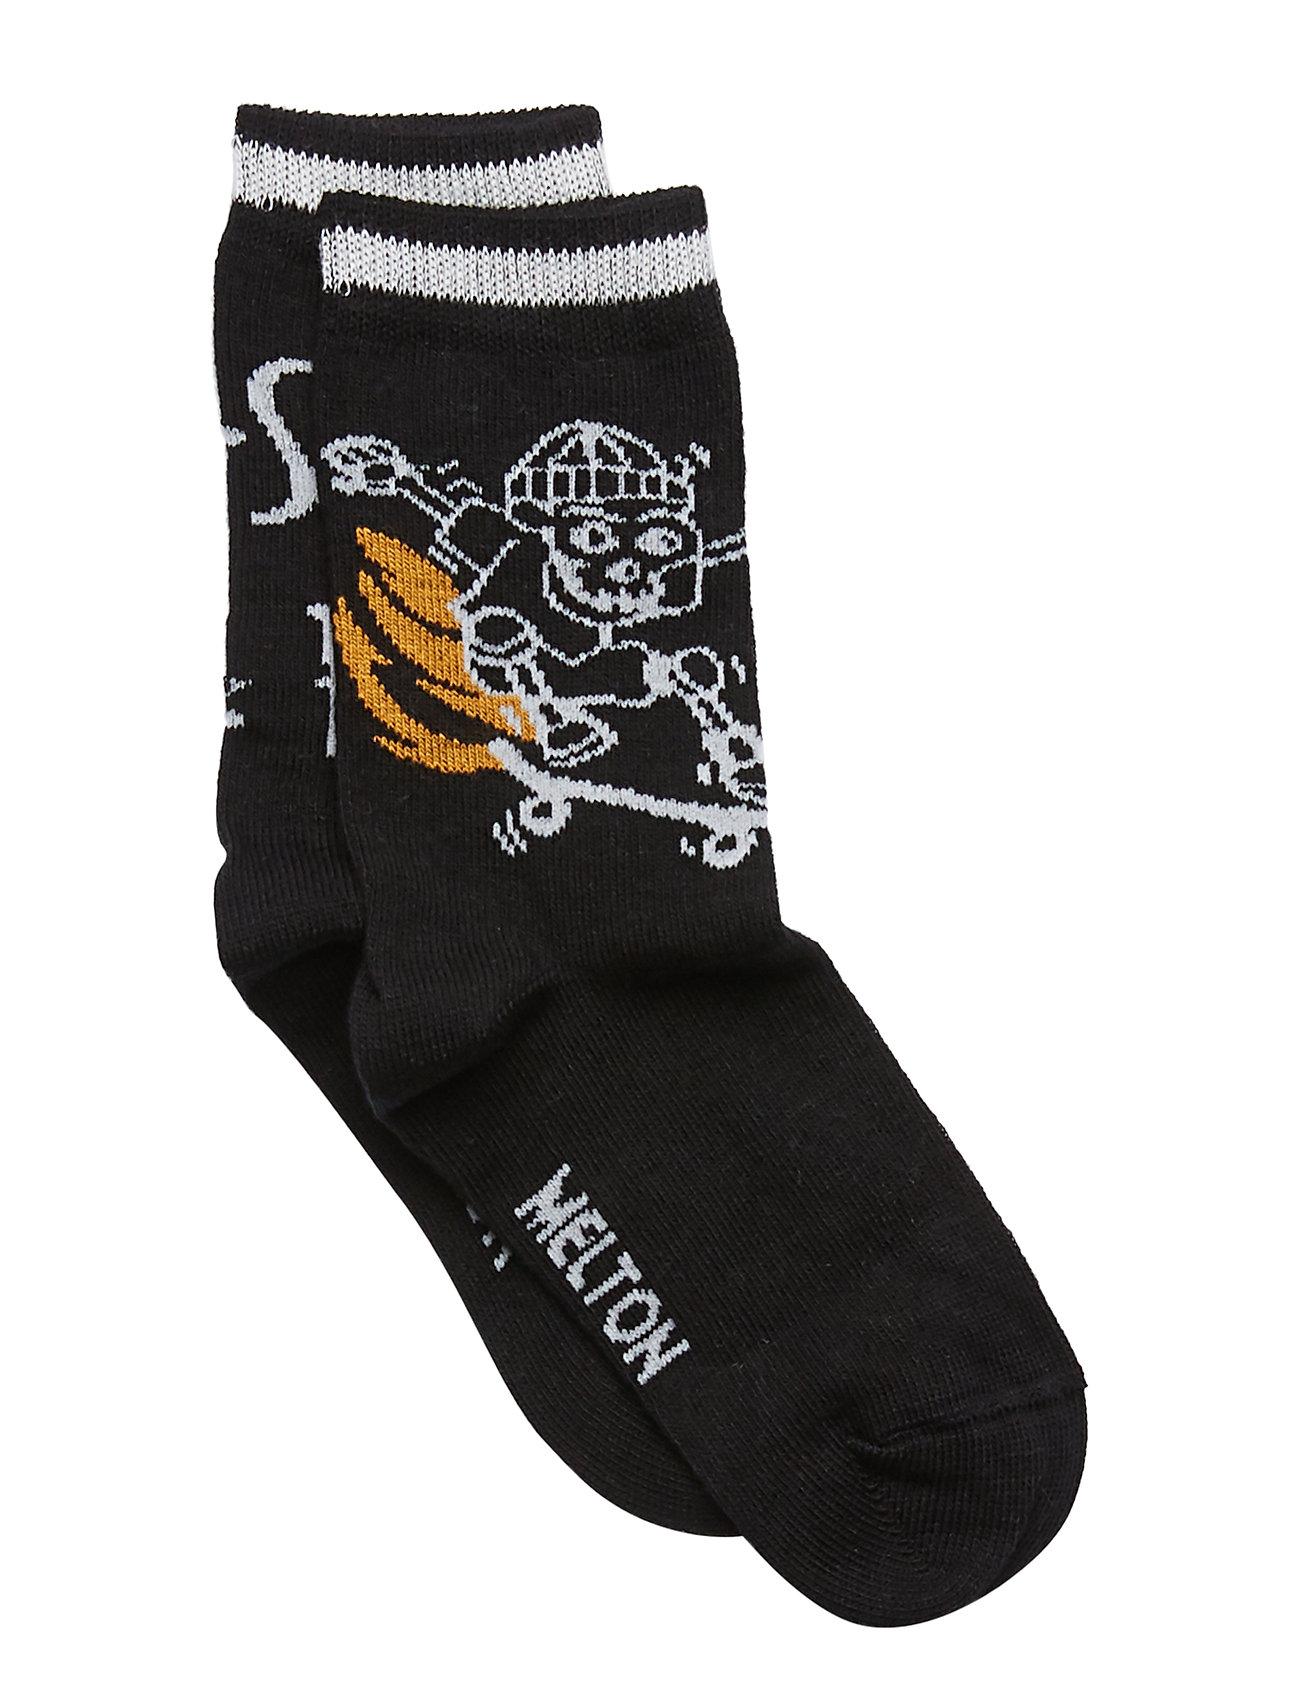 Melton Sock - Skate On Fire - BLACK